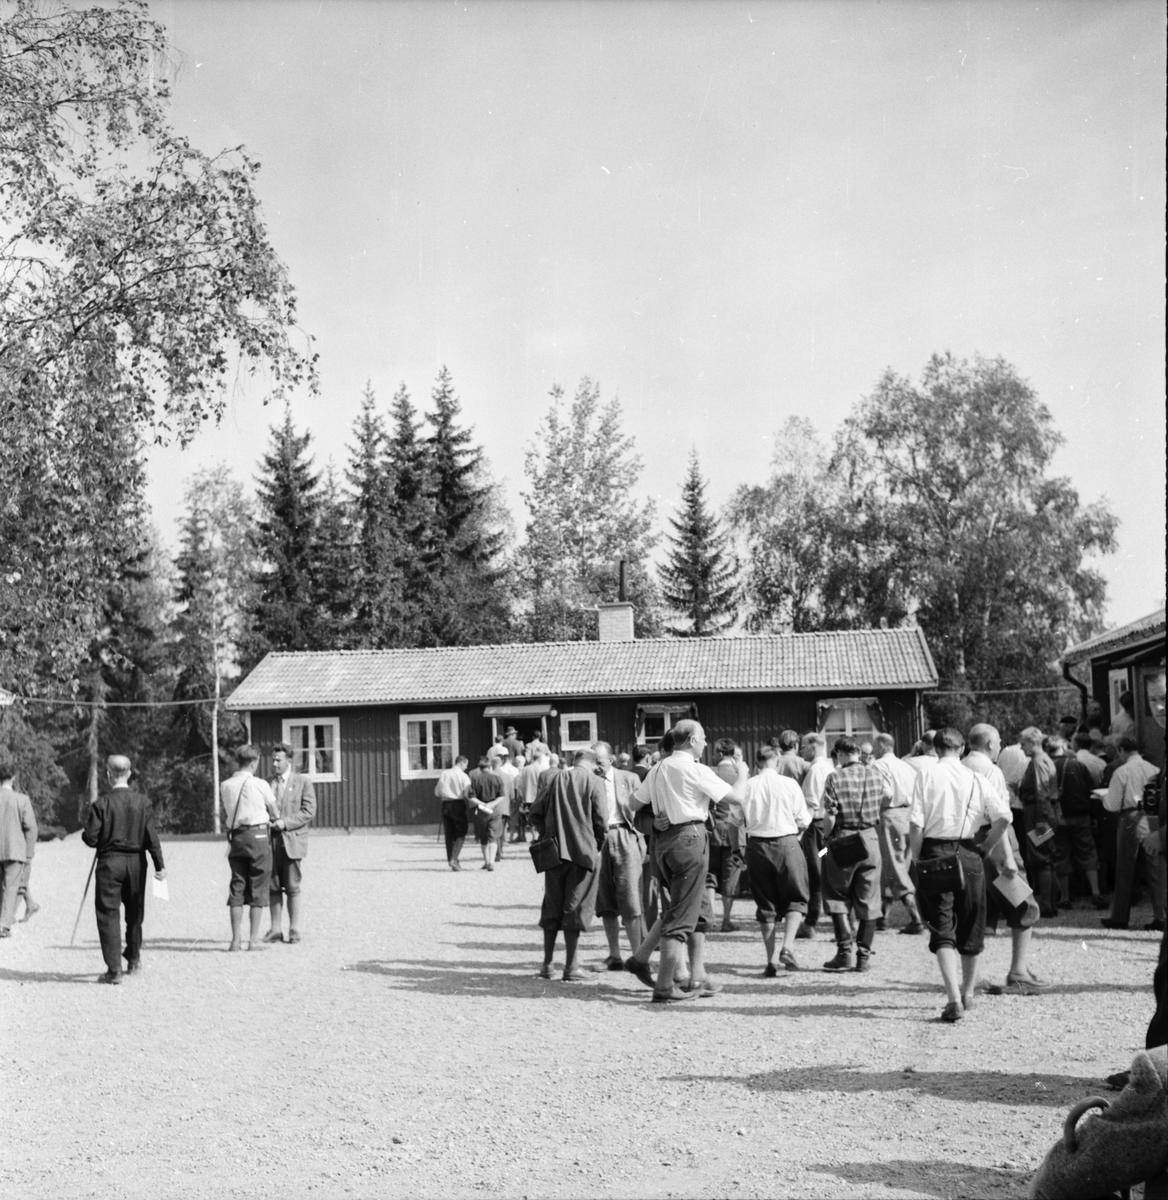 Skogsvårdsförbundet. Norrlands exkursion. 1955